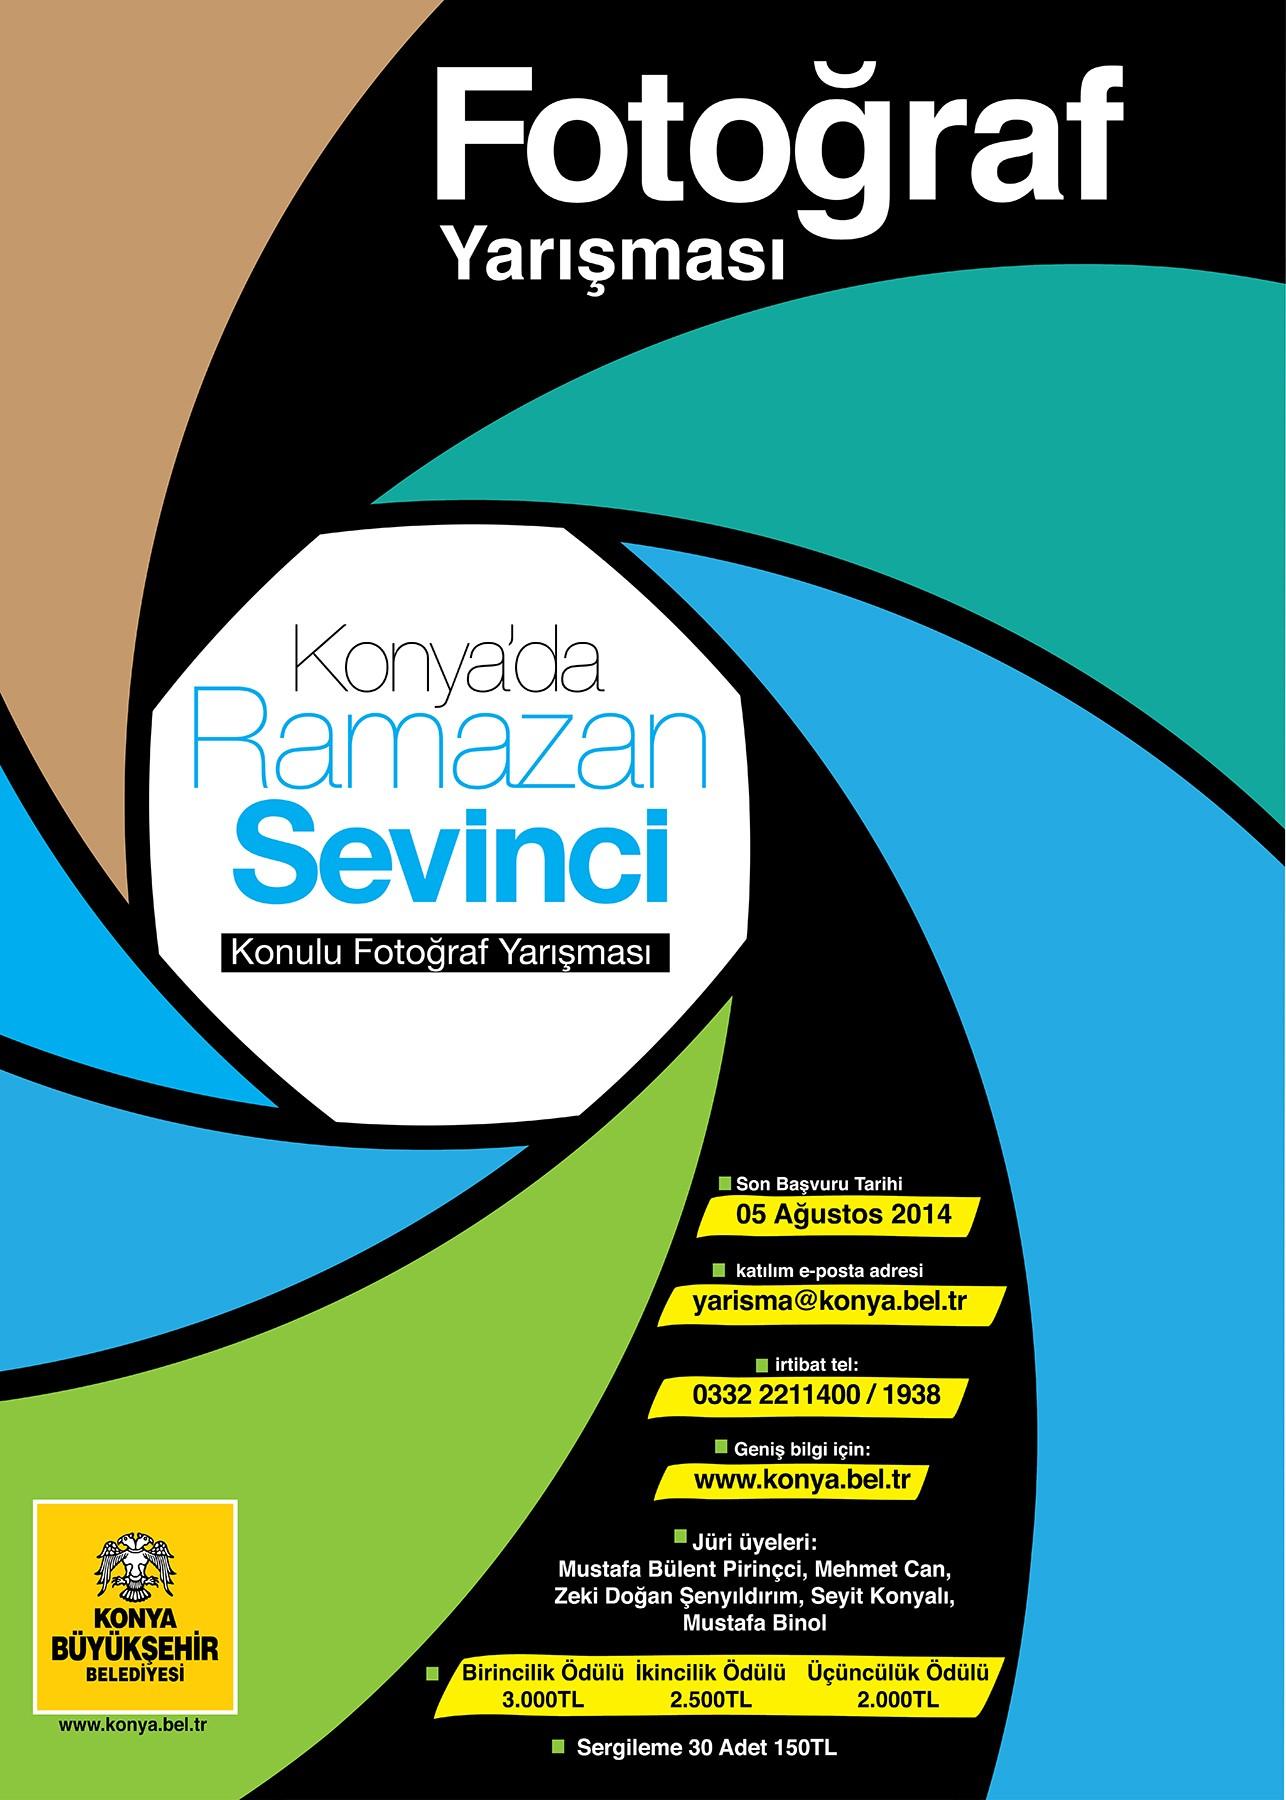 Konyada Ramazan Sevinci konulu fotoğraf yarışması